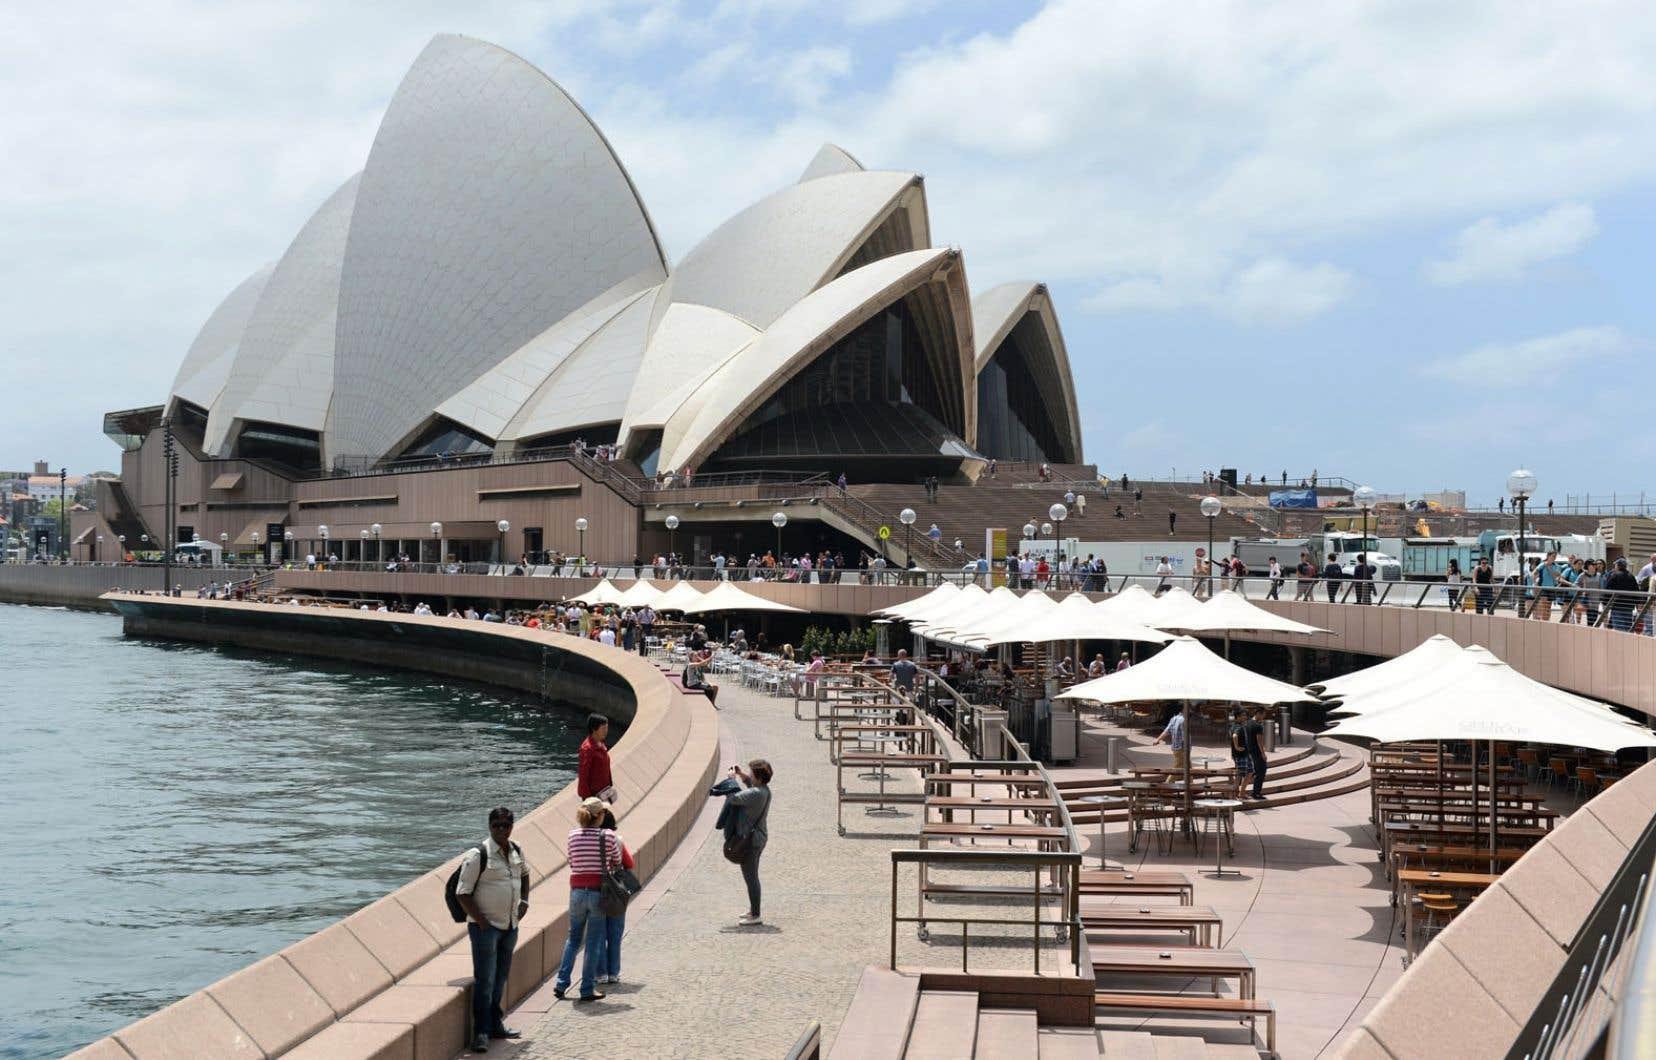 Le quai circulaire entourant la Maison de l'opéra à Sydney, en Australie.